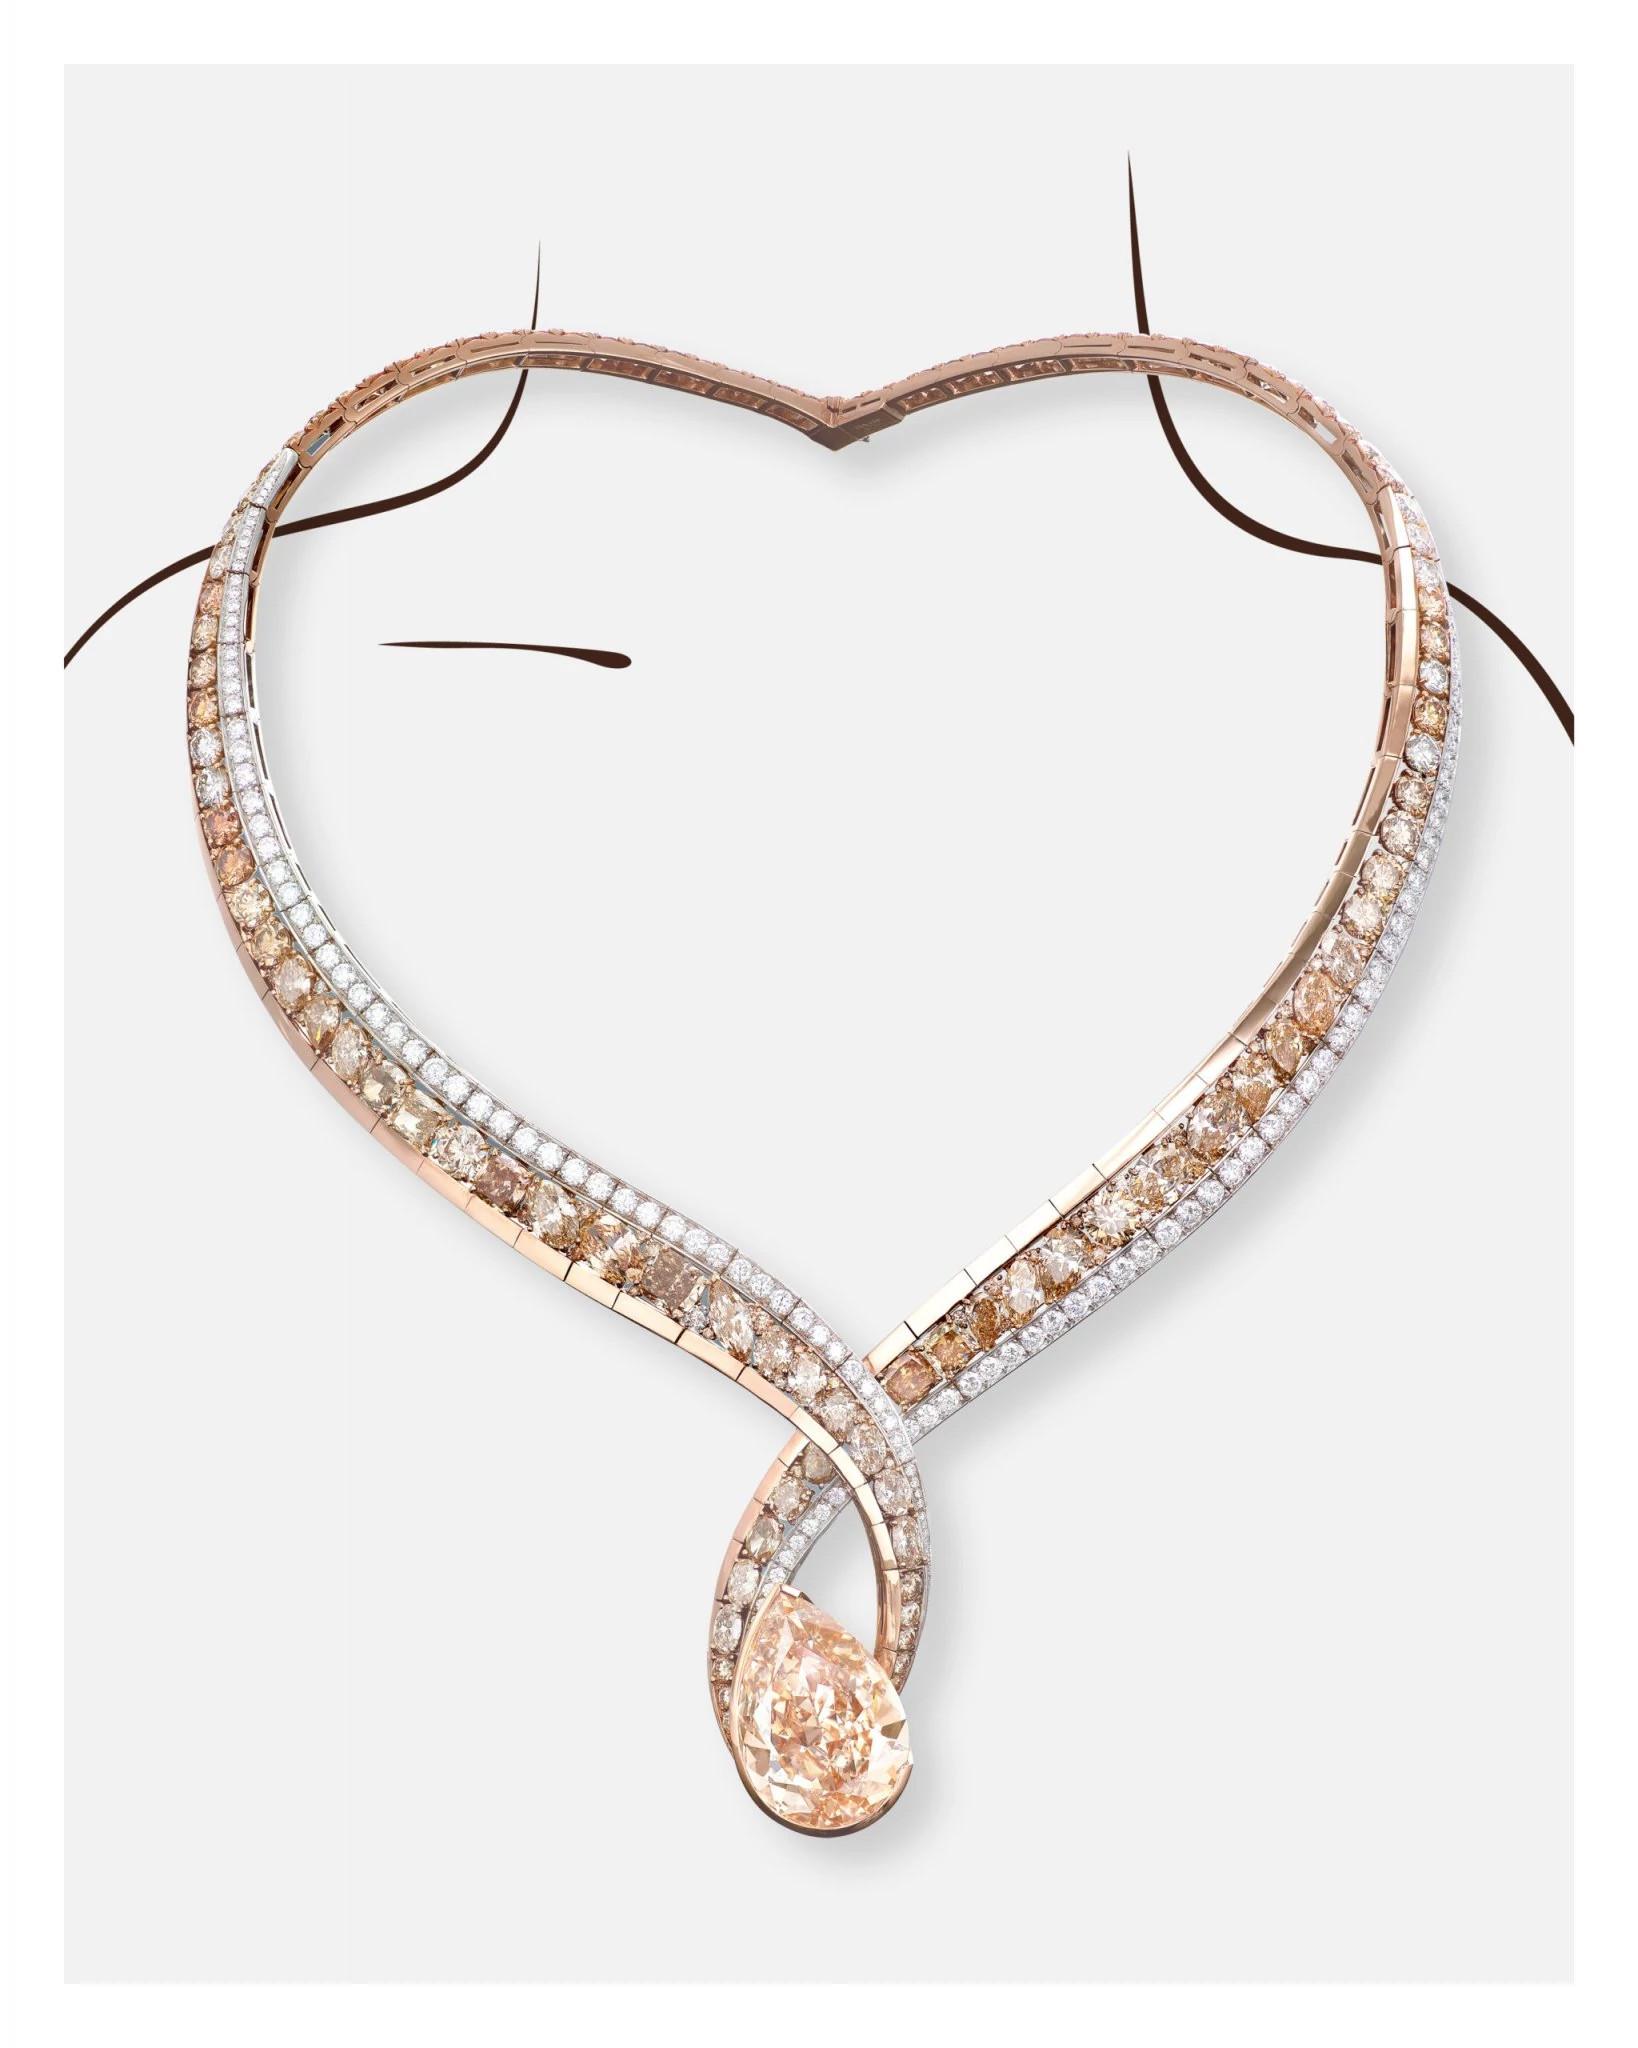 """胡茵菲为""""胡茵菲设计的第一件天然钻石珠宝"""